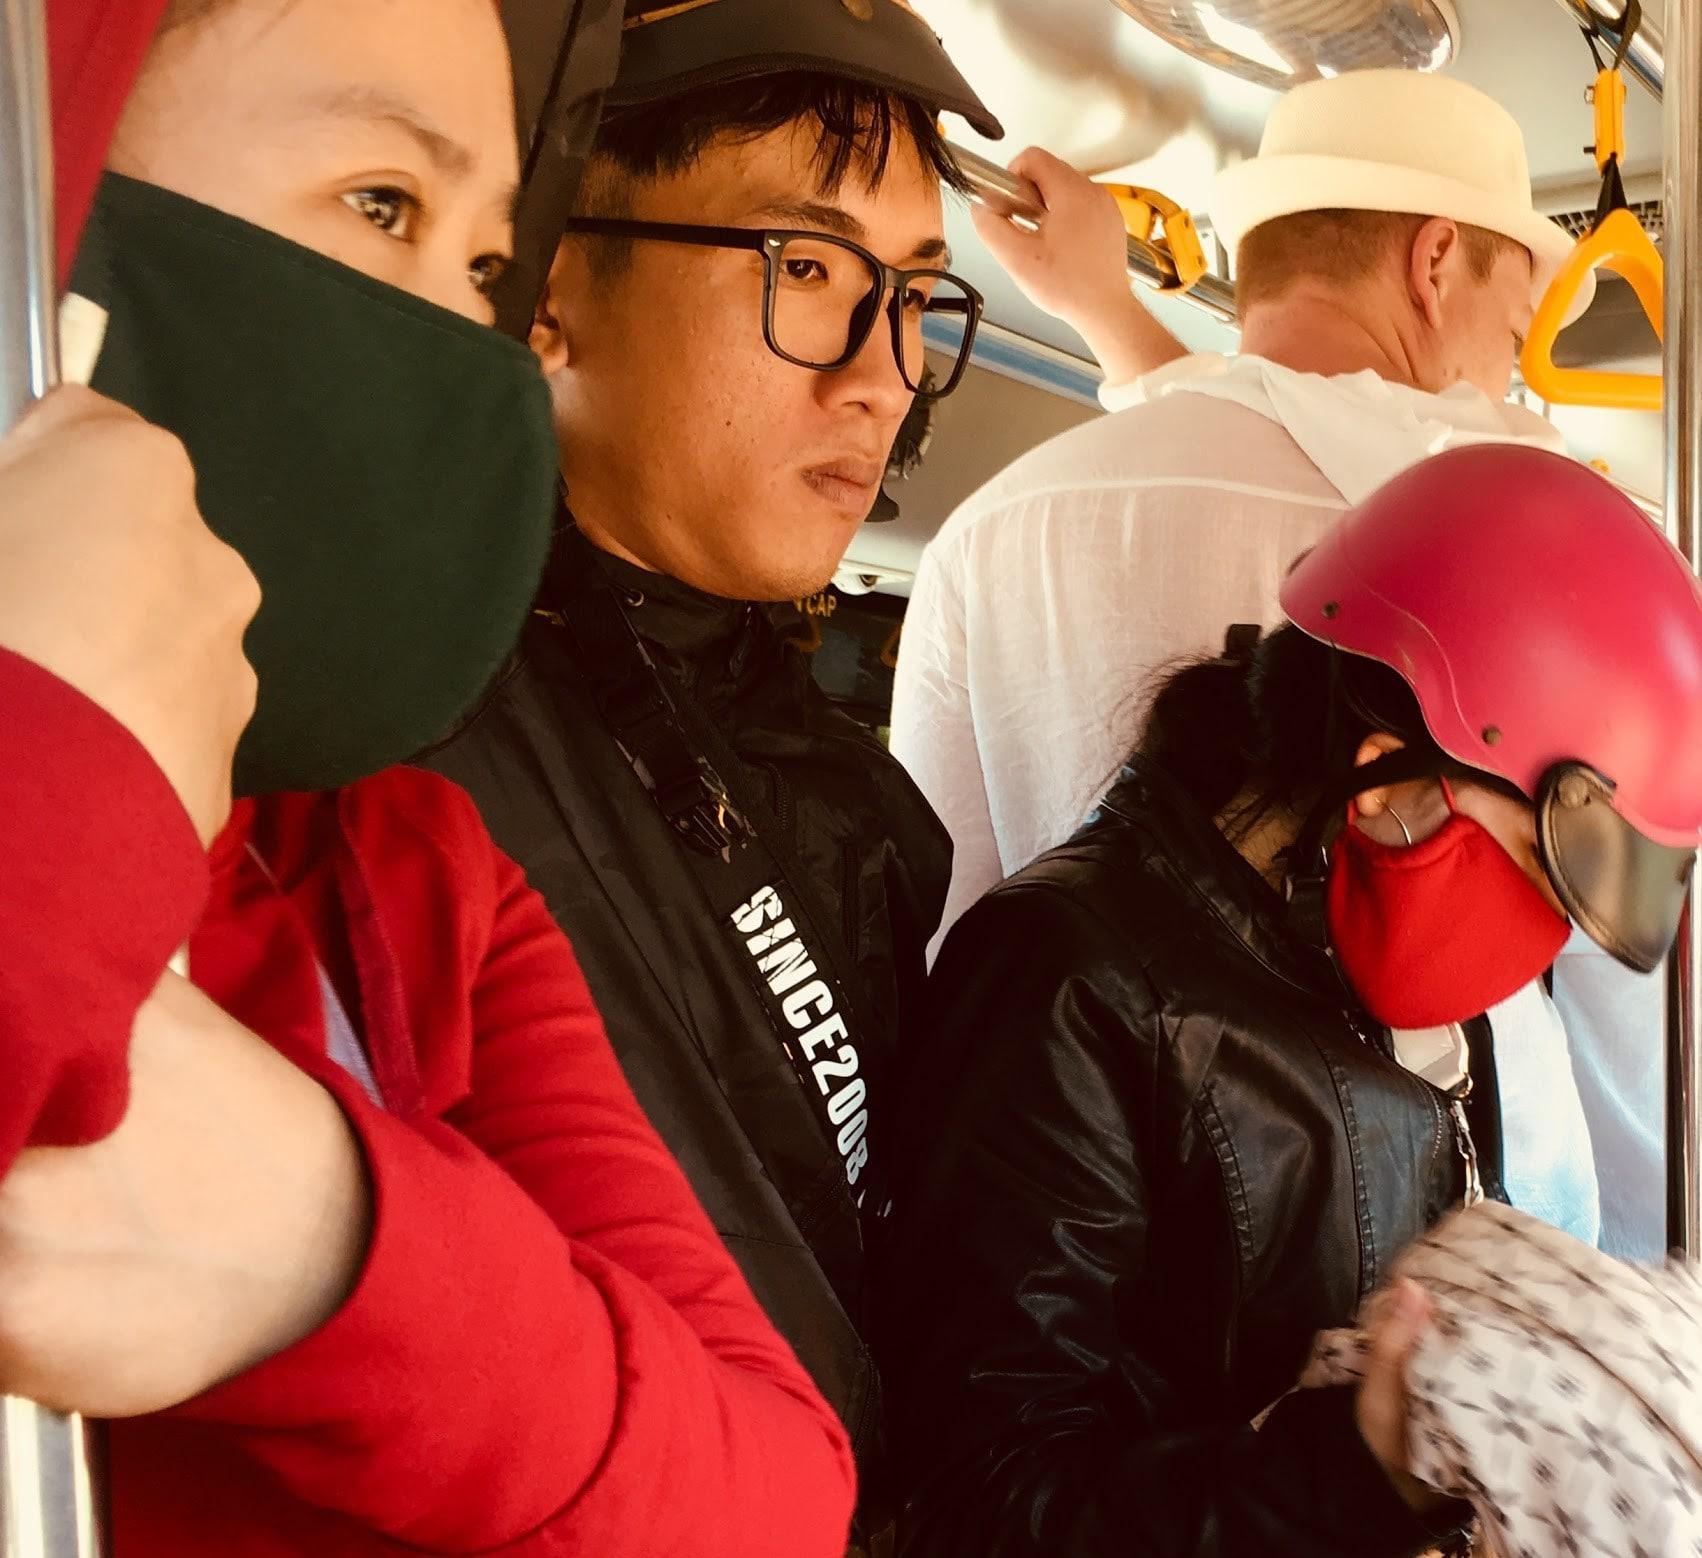 miglior prezzo per outlet in vendita godere del prezzo di sconto La mascherina antismog in Vietnam: perché la indossano tutti?